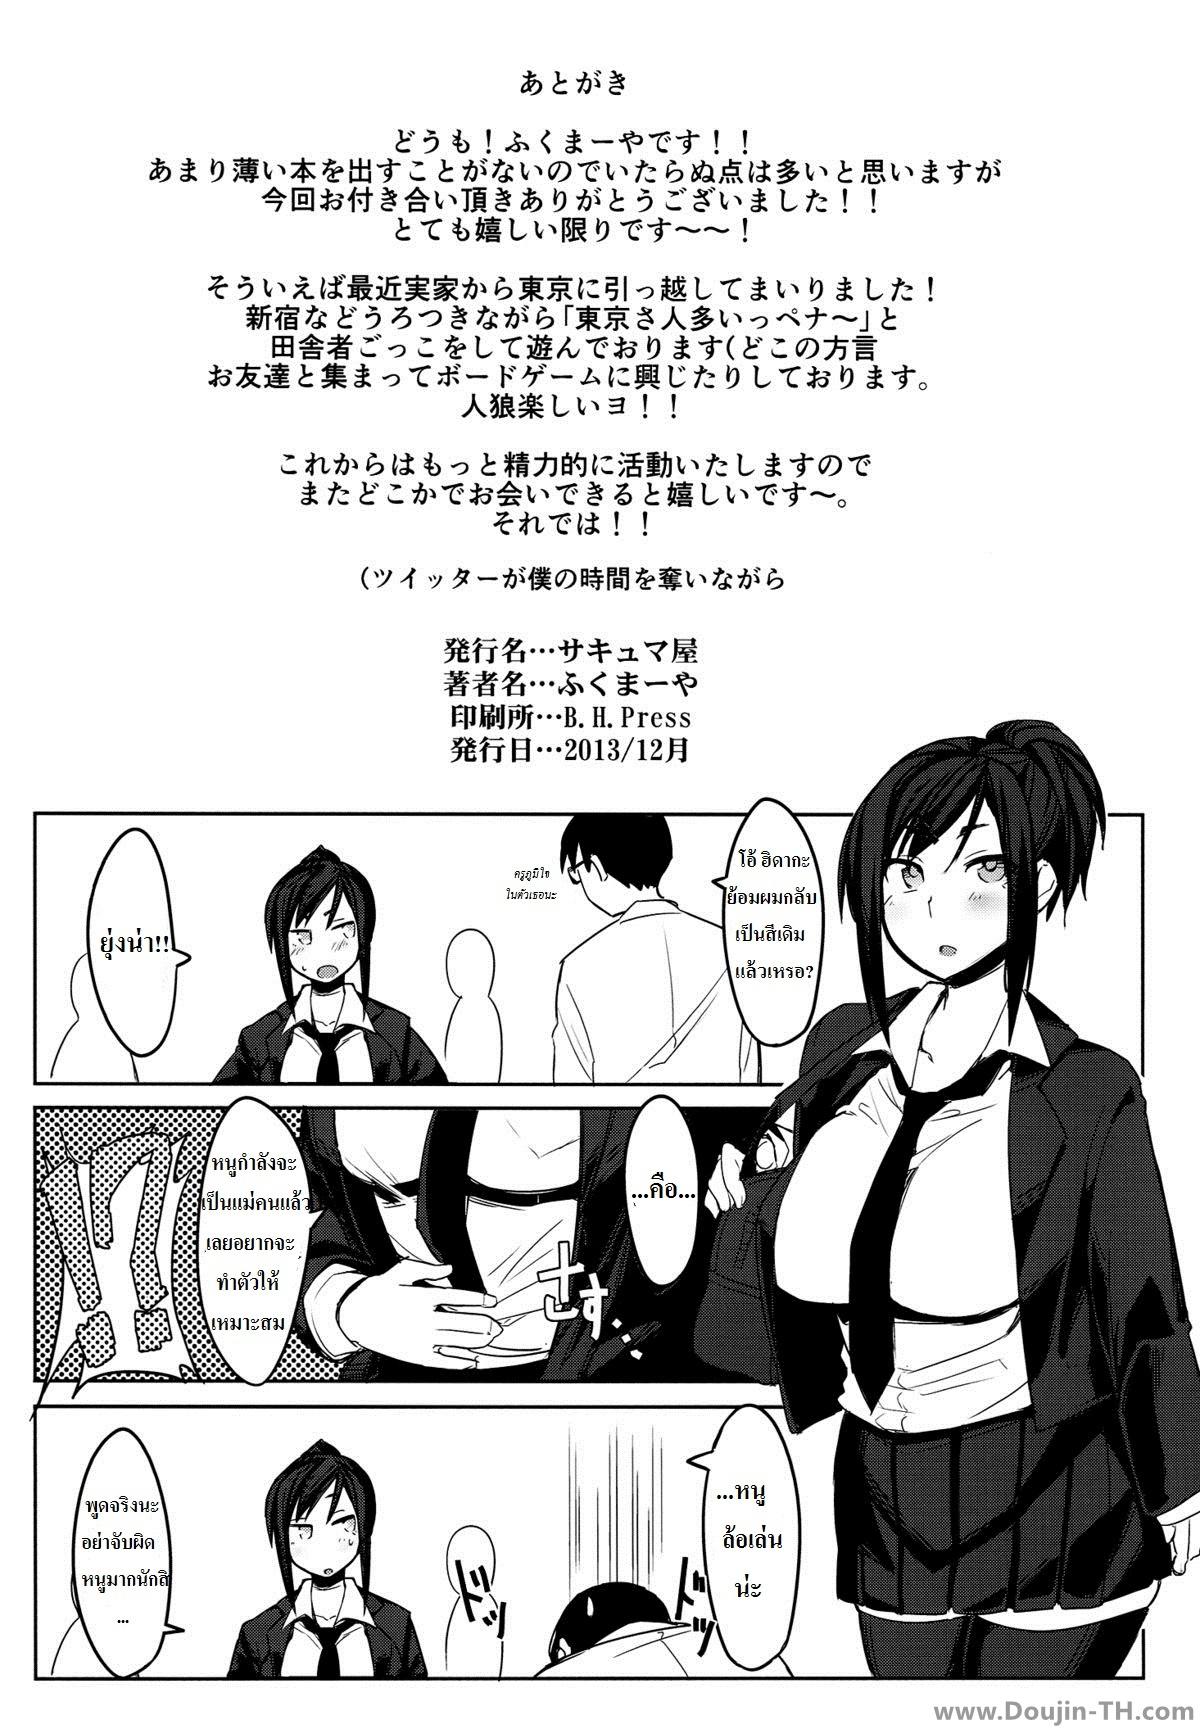 มือถือสะกดจิตลูกศิษย์สาว - หน้า 25